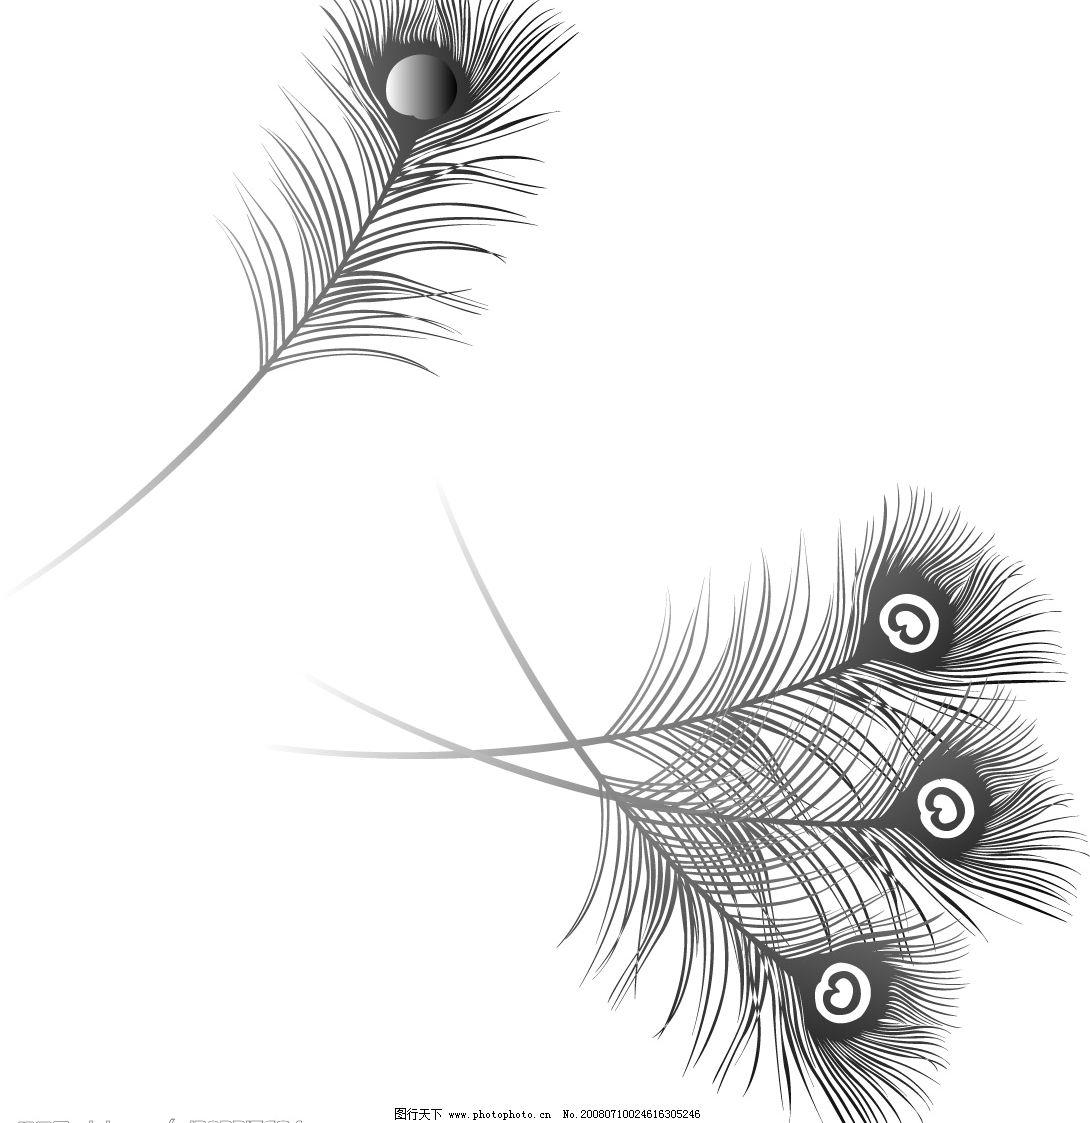 木刻版画素材羽毛